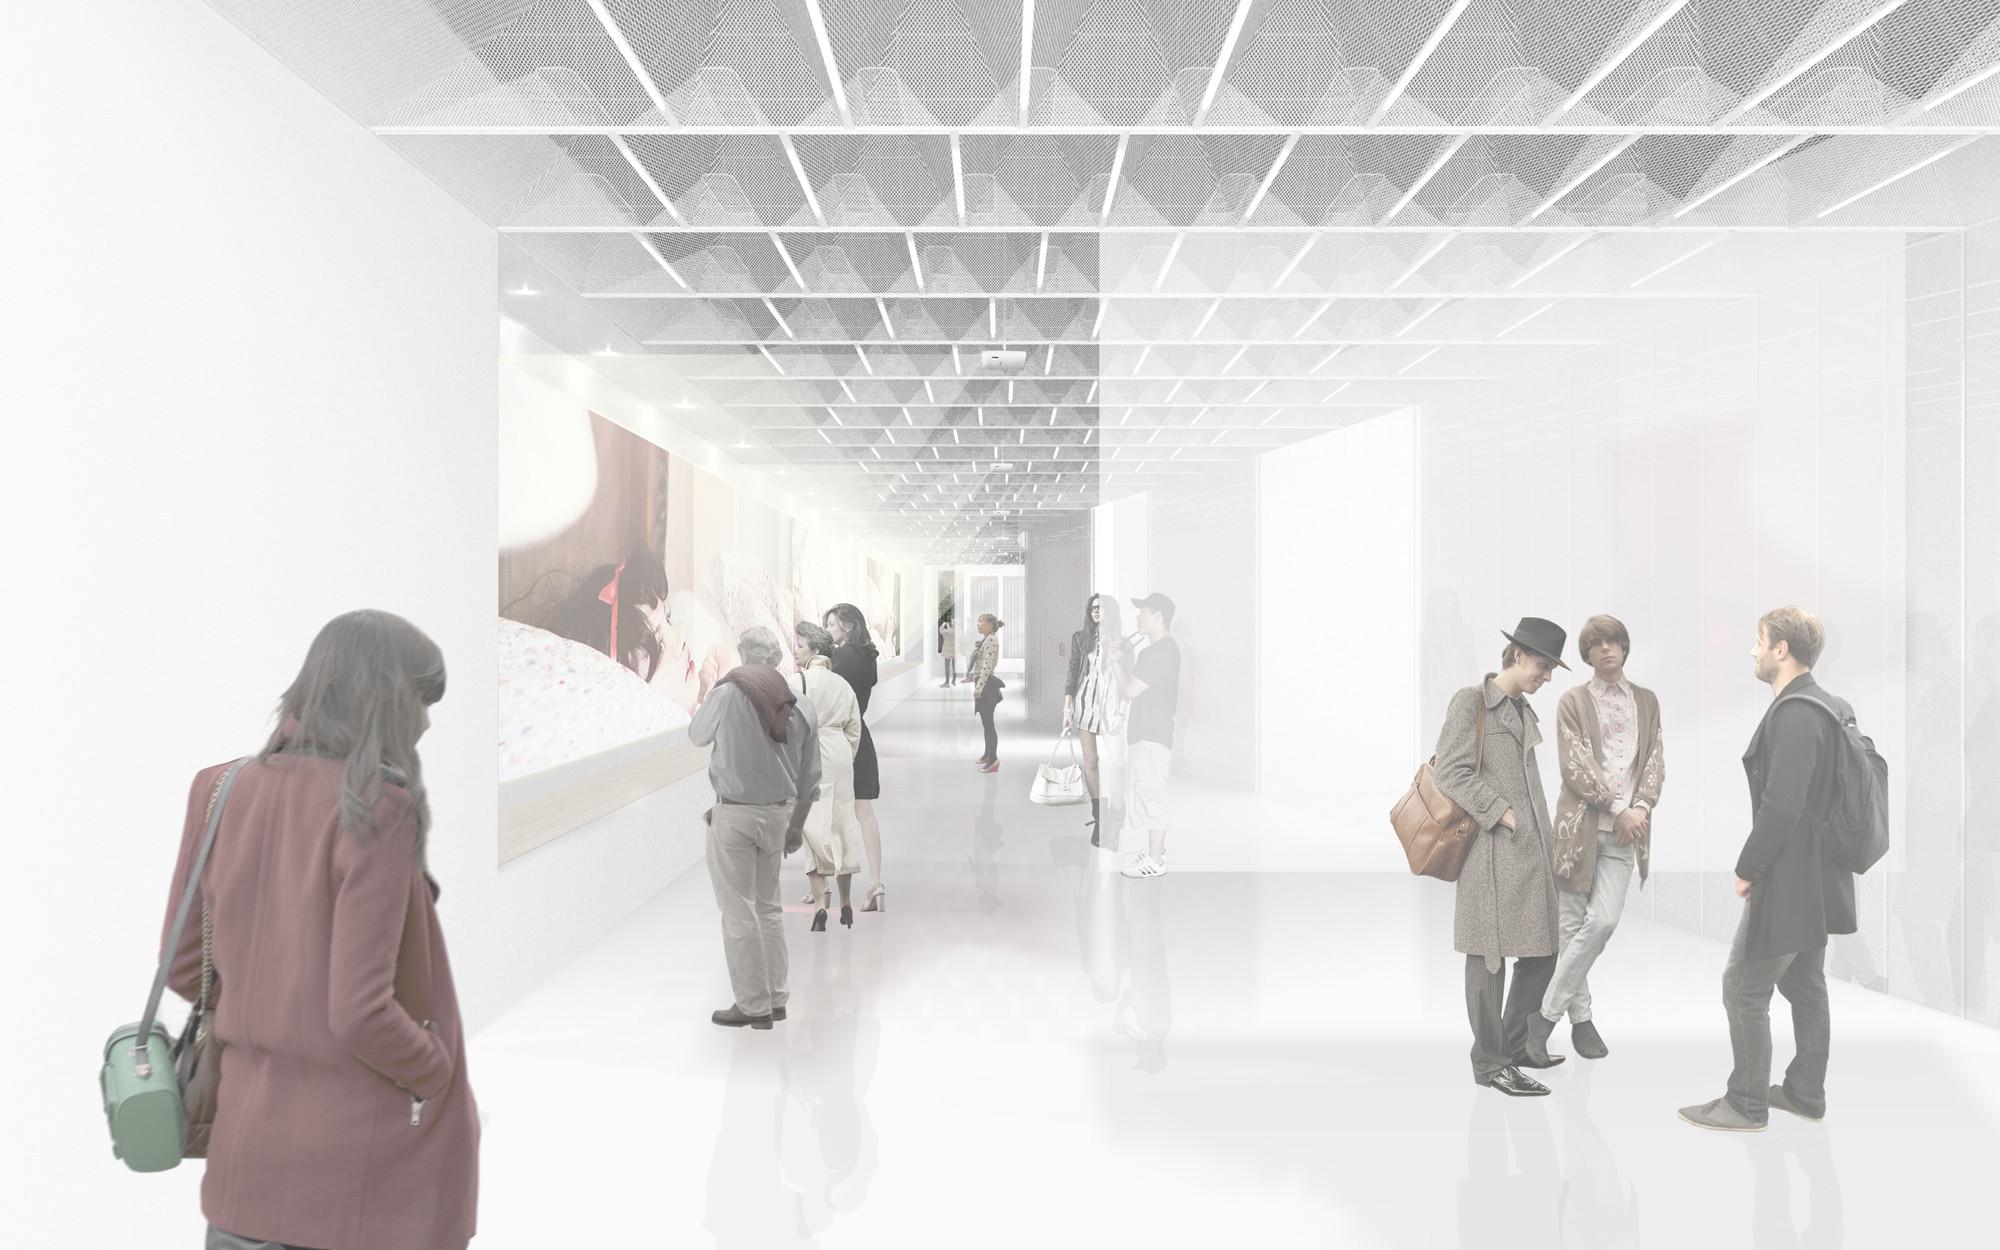 Multi-projection exhibition scenario. Image © Collective-LOK